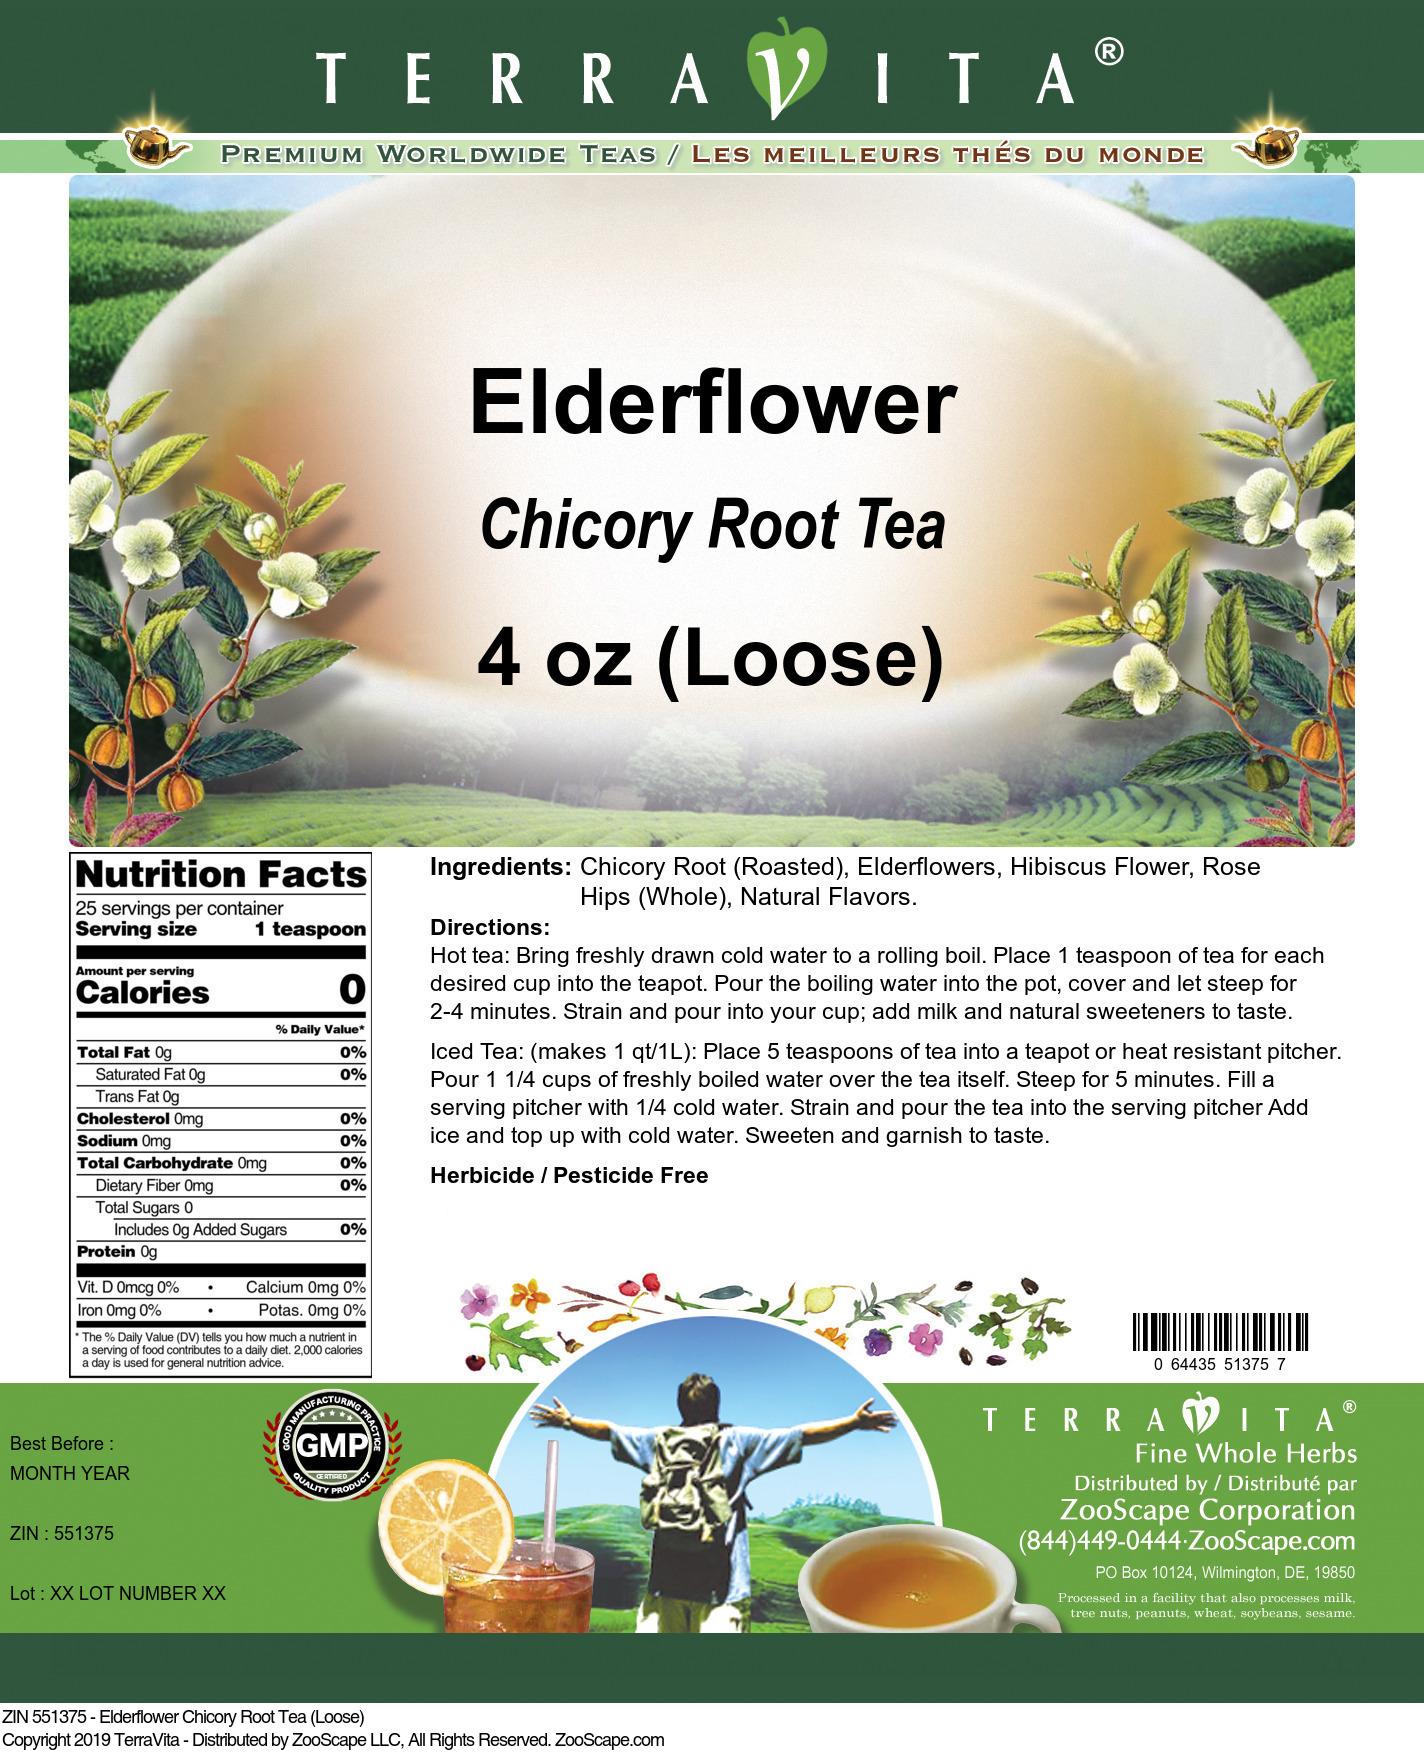 Elderflower Chicory Root